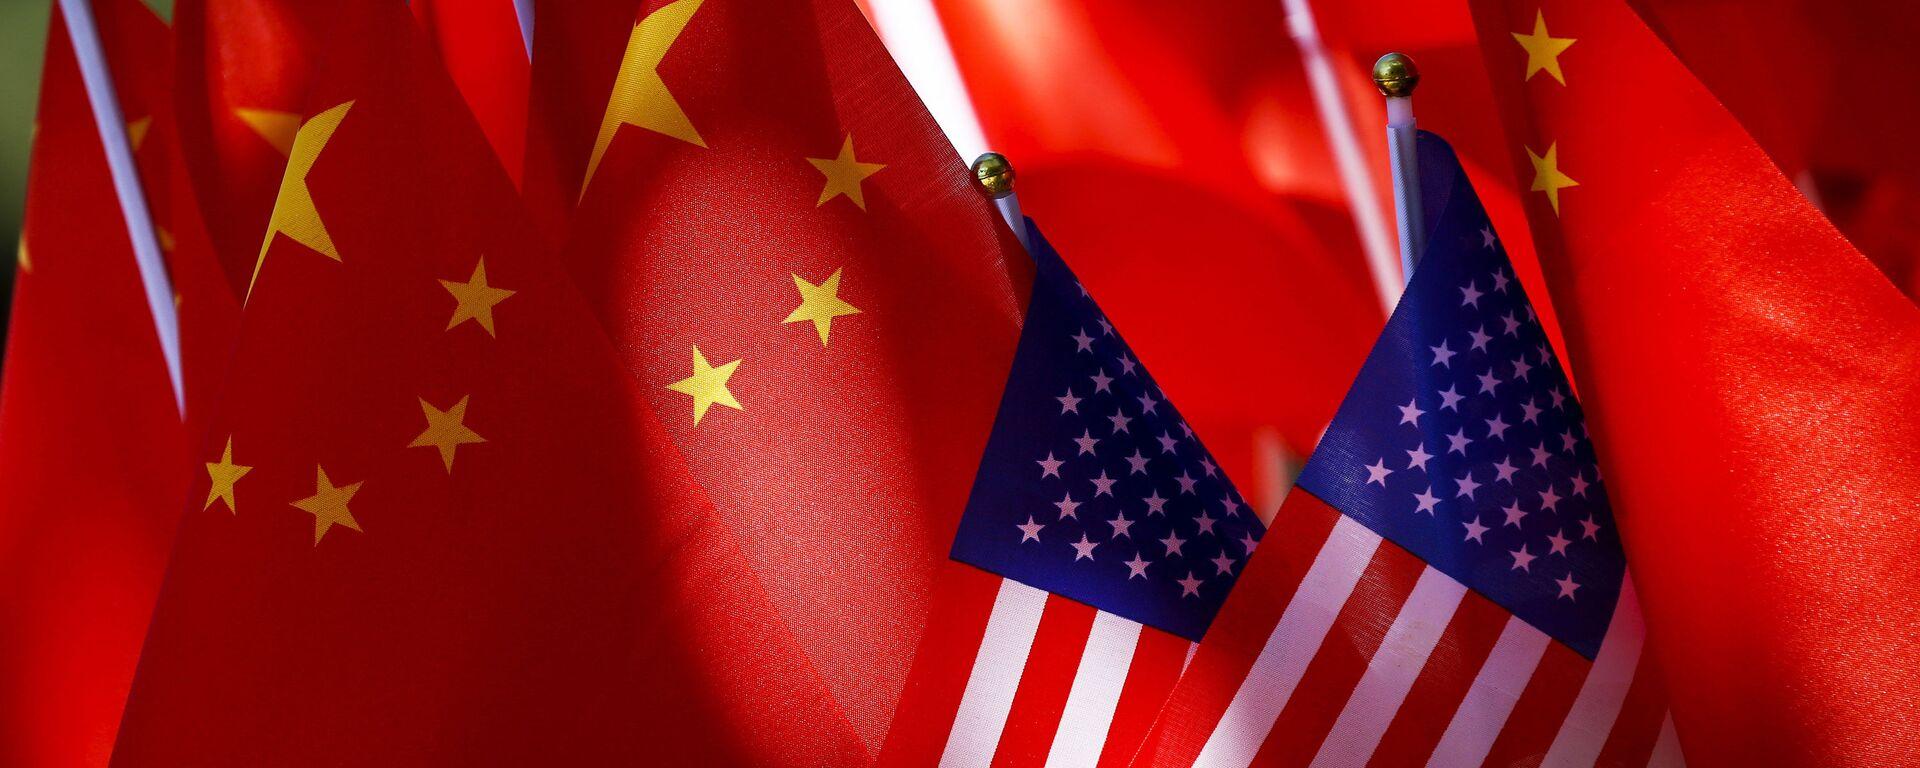 Banderas de EEUU y China - Sputnik Mundo, 1920, 22.06.2021